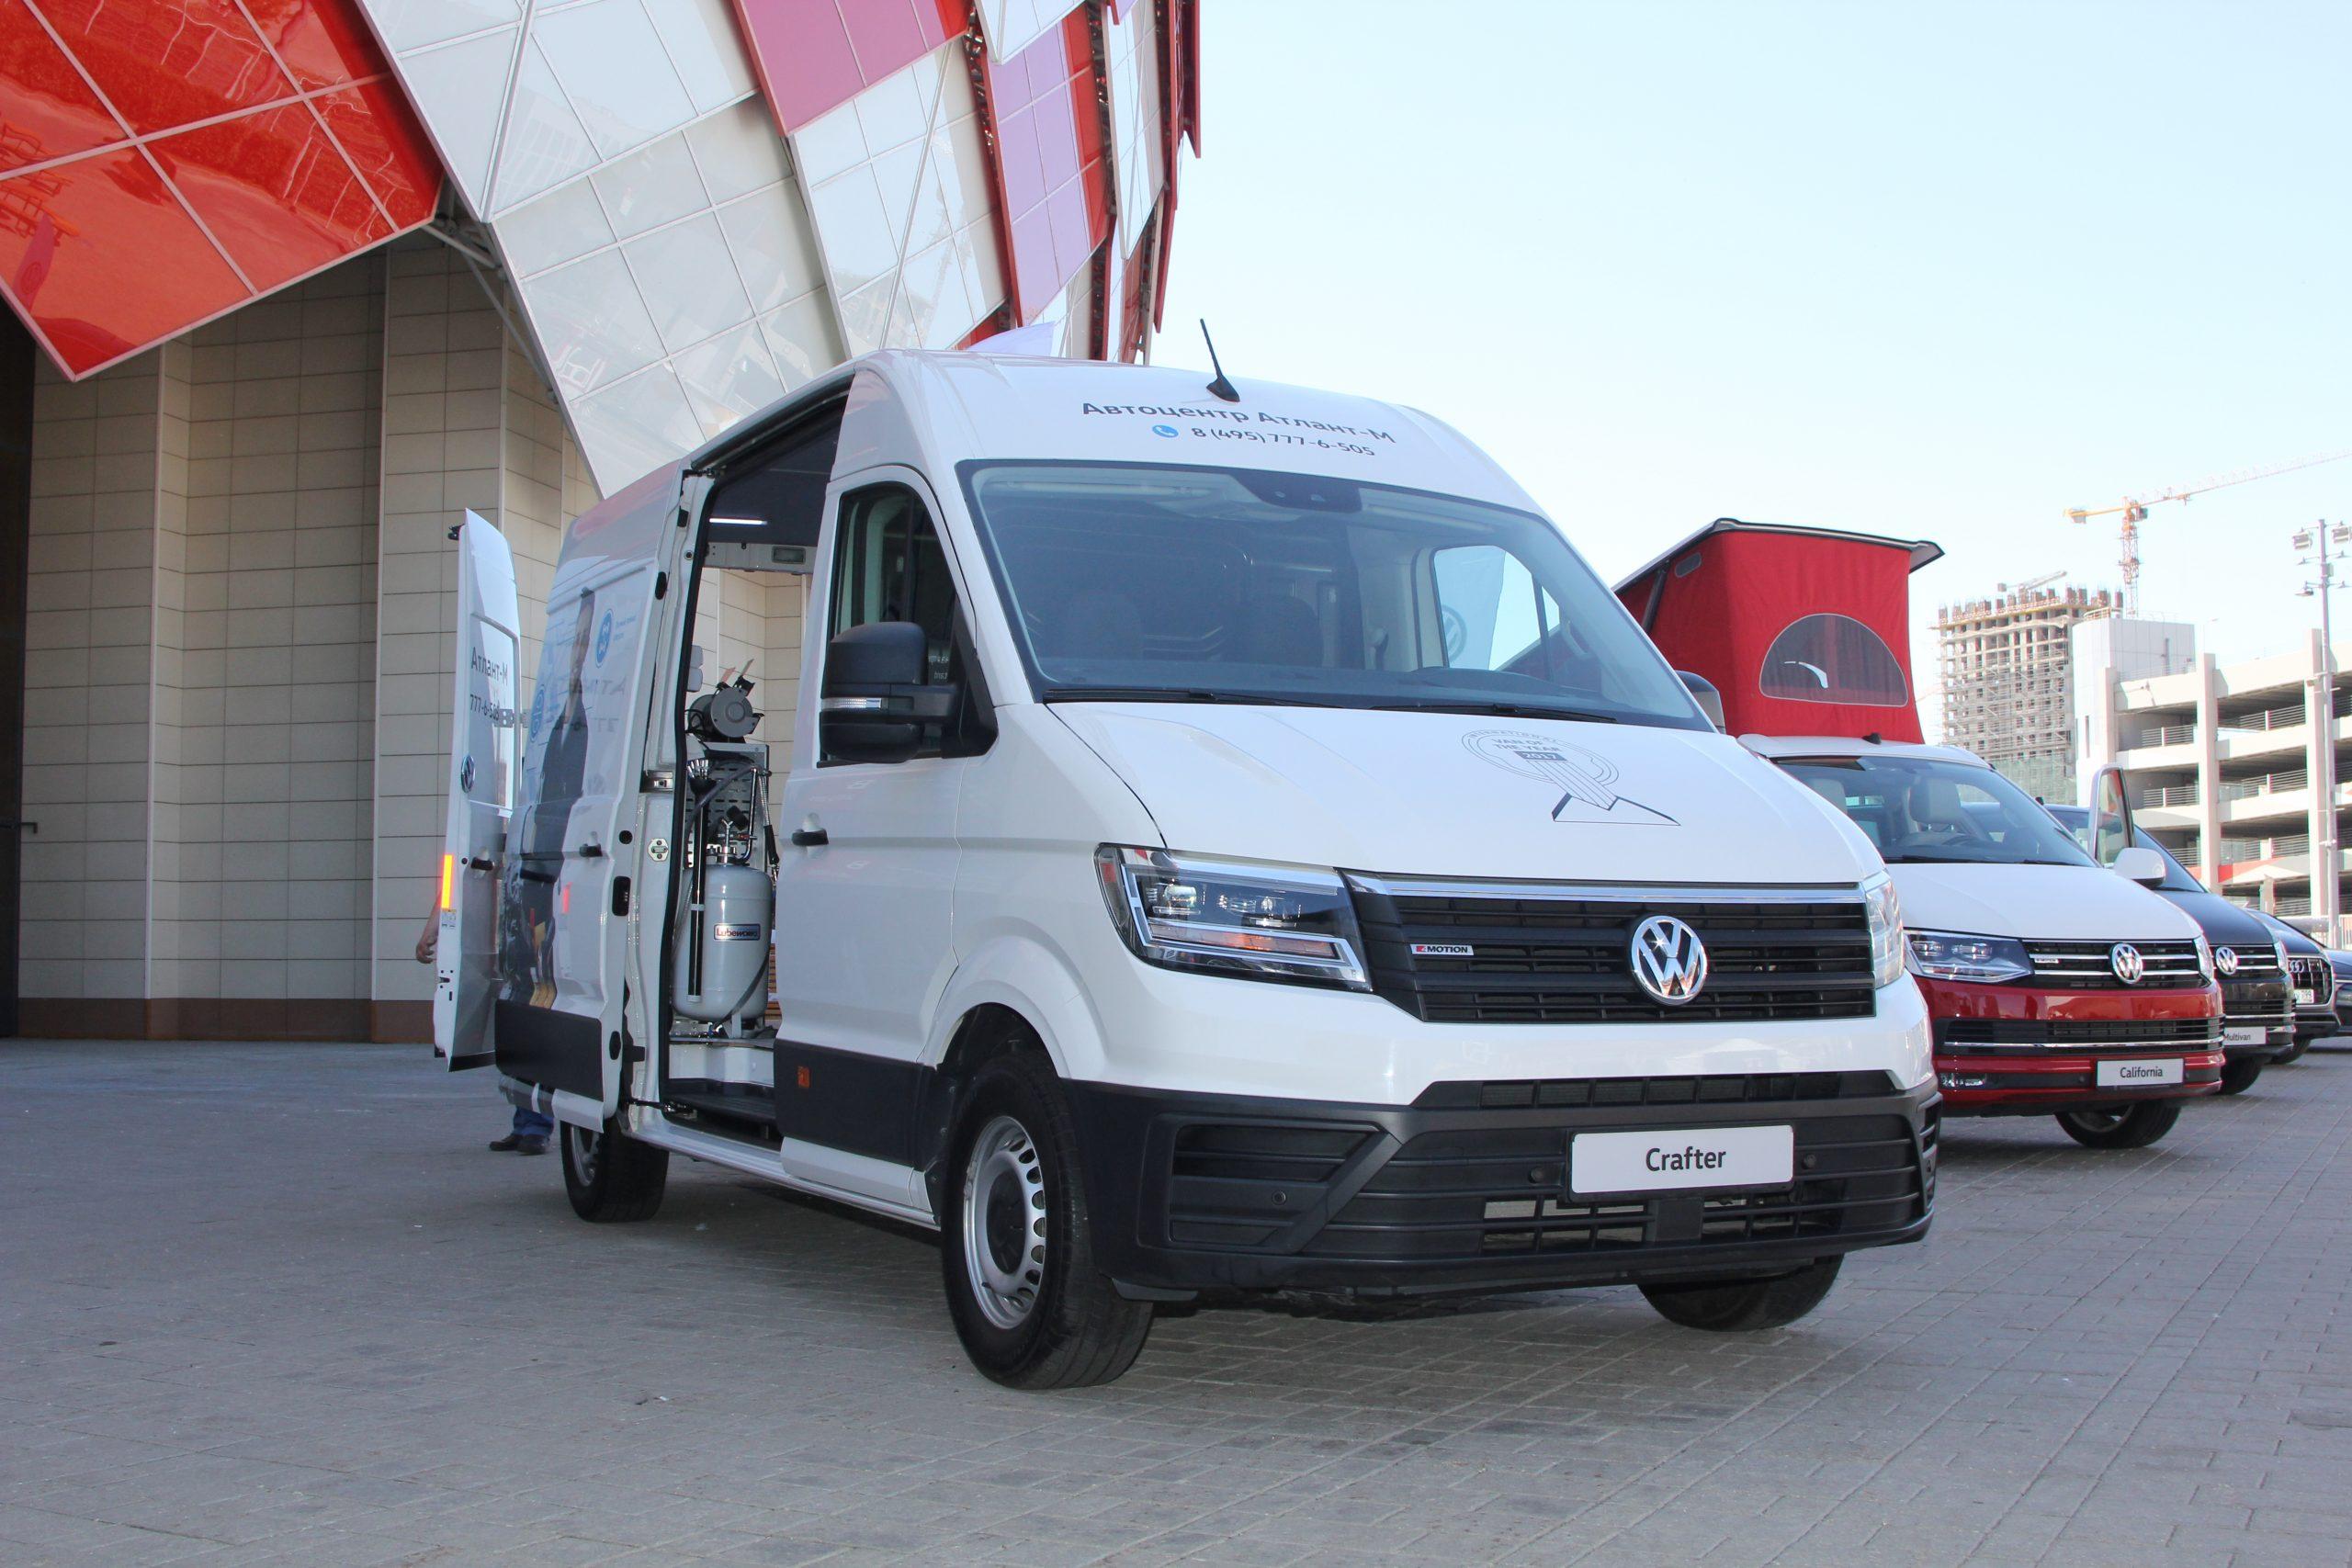 31104 Спецверсии по привычной схеме: Volkswagen Коммерческие автомобили внедряет централизованную схему поставки спецавтомобилей в дилерские центры.